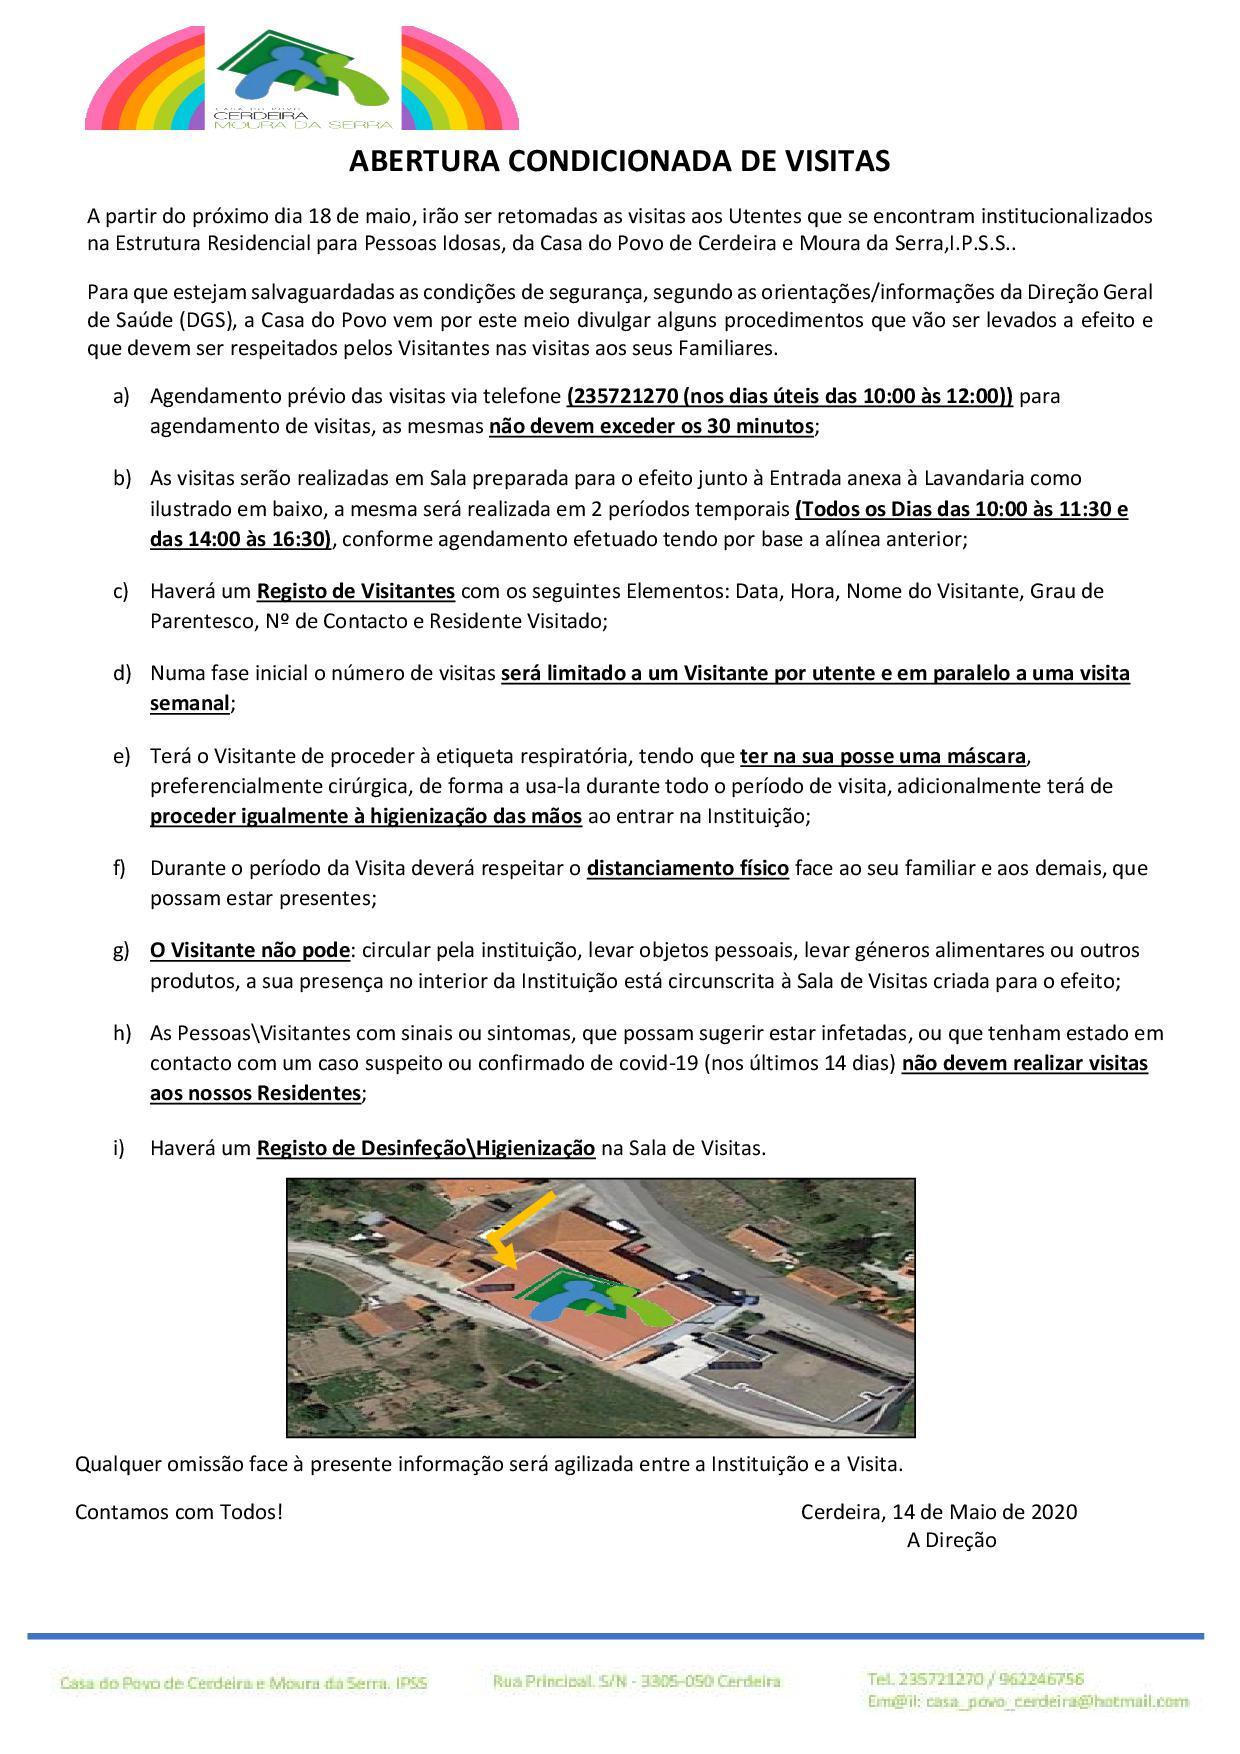 Casa do Povo de Cerdeira e Moura da Serra, I.P.S.S. – ABERTURA CONDICIONADA DE VISITAS